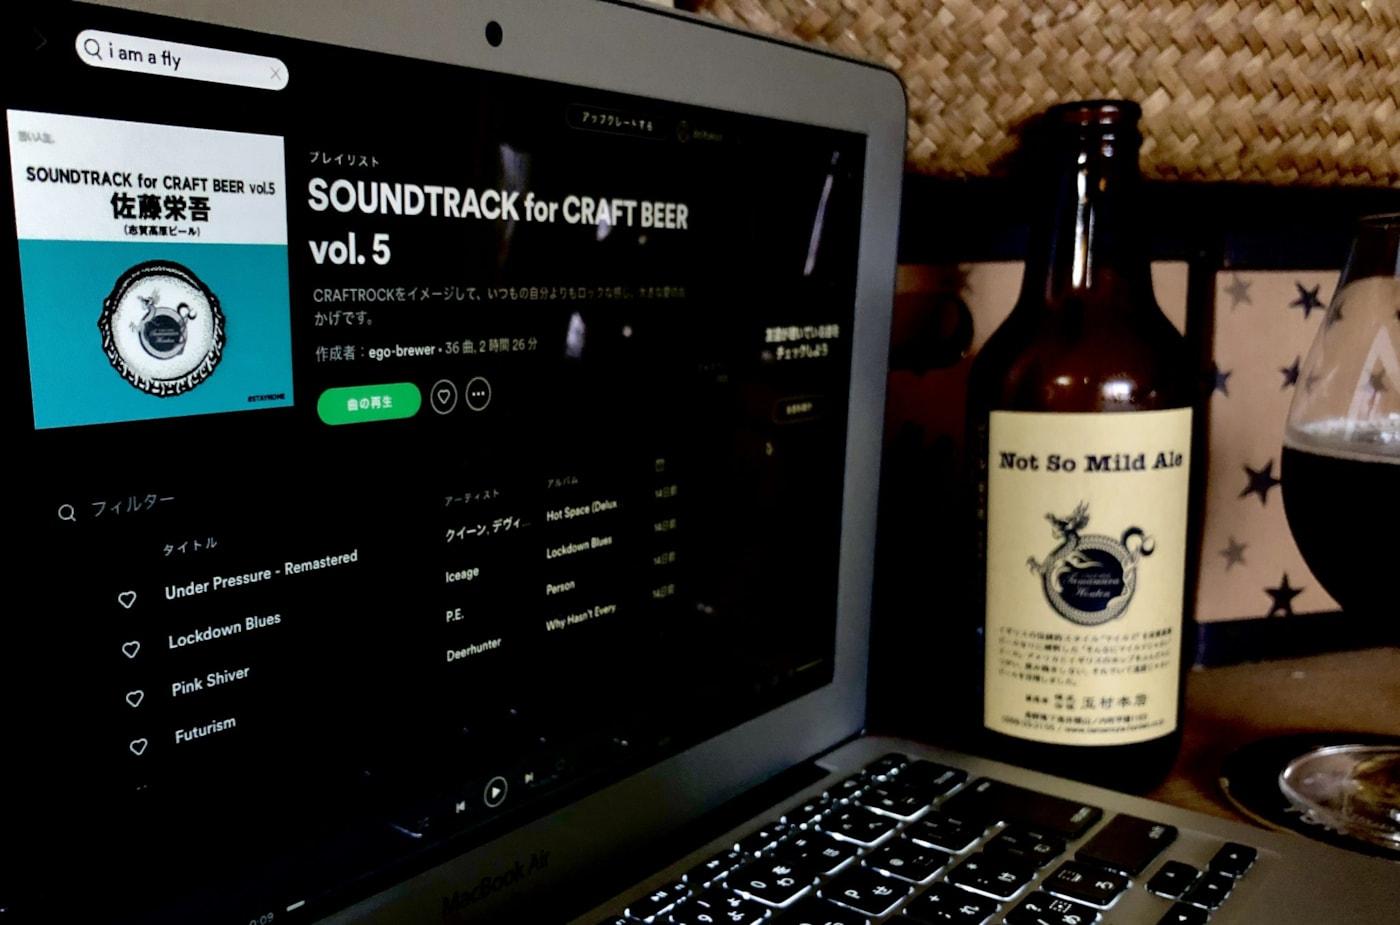 宅飲みのお供に《SOUND TRACK for CRAFT BEER》